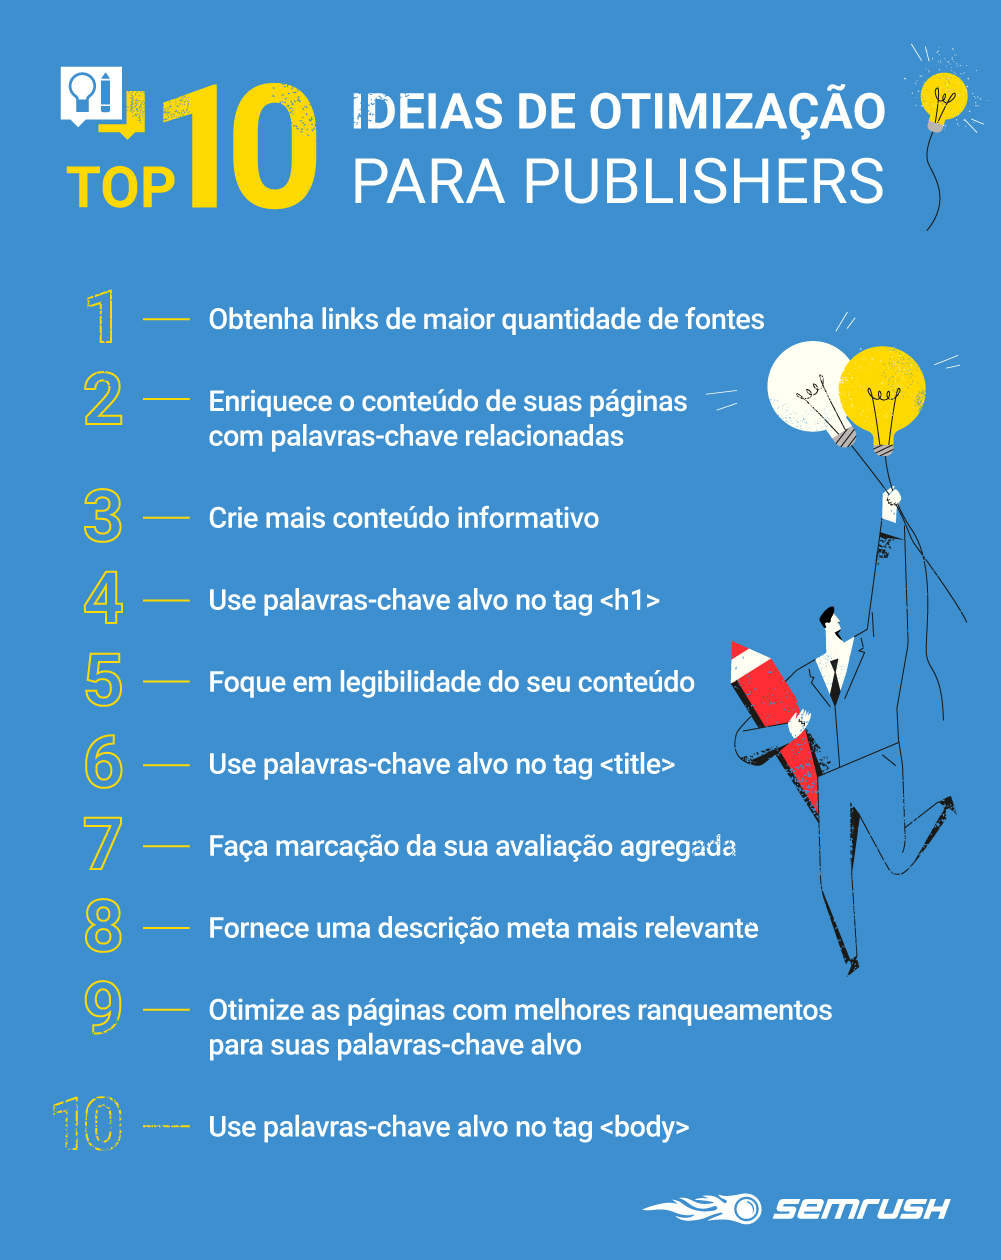 Os Pilares da Monetização: um Guia com Base em Dados para Publishers de Anúncios e Blogueiros. Imagem 10